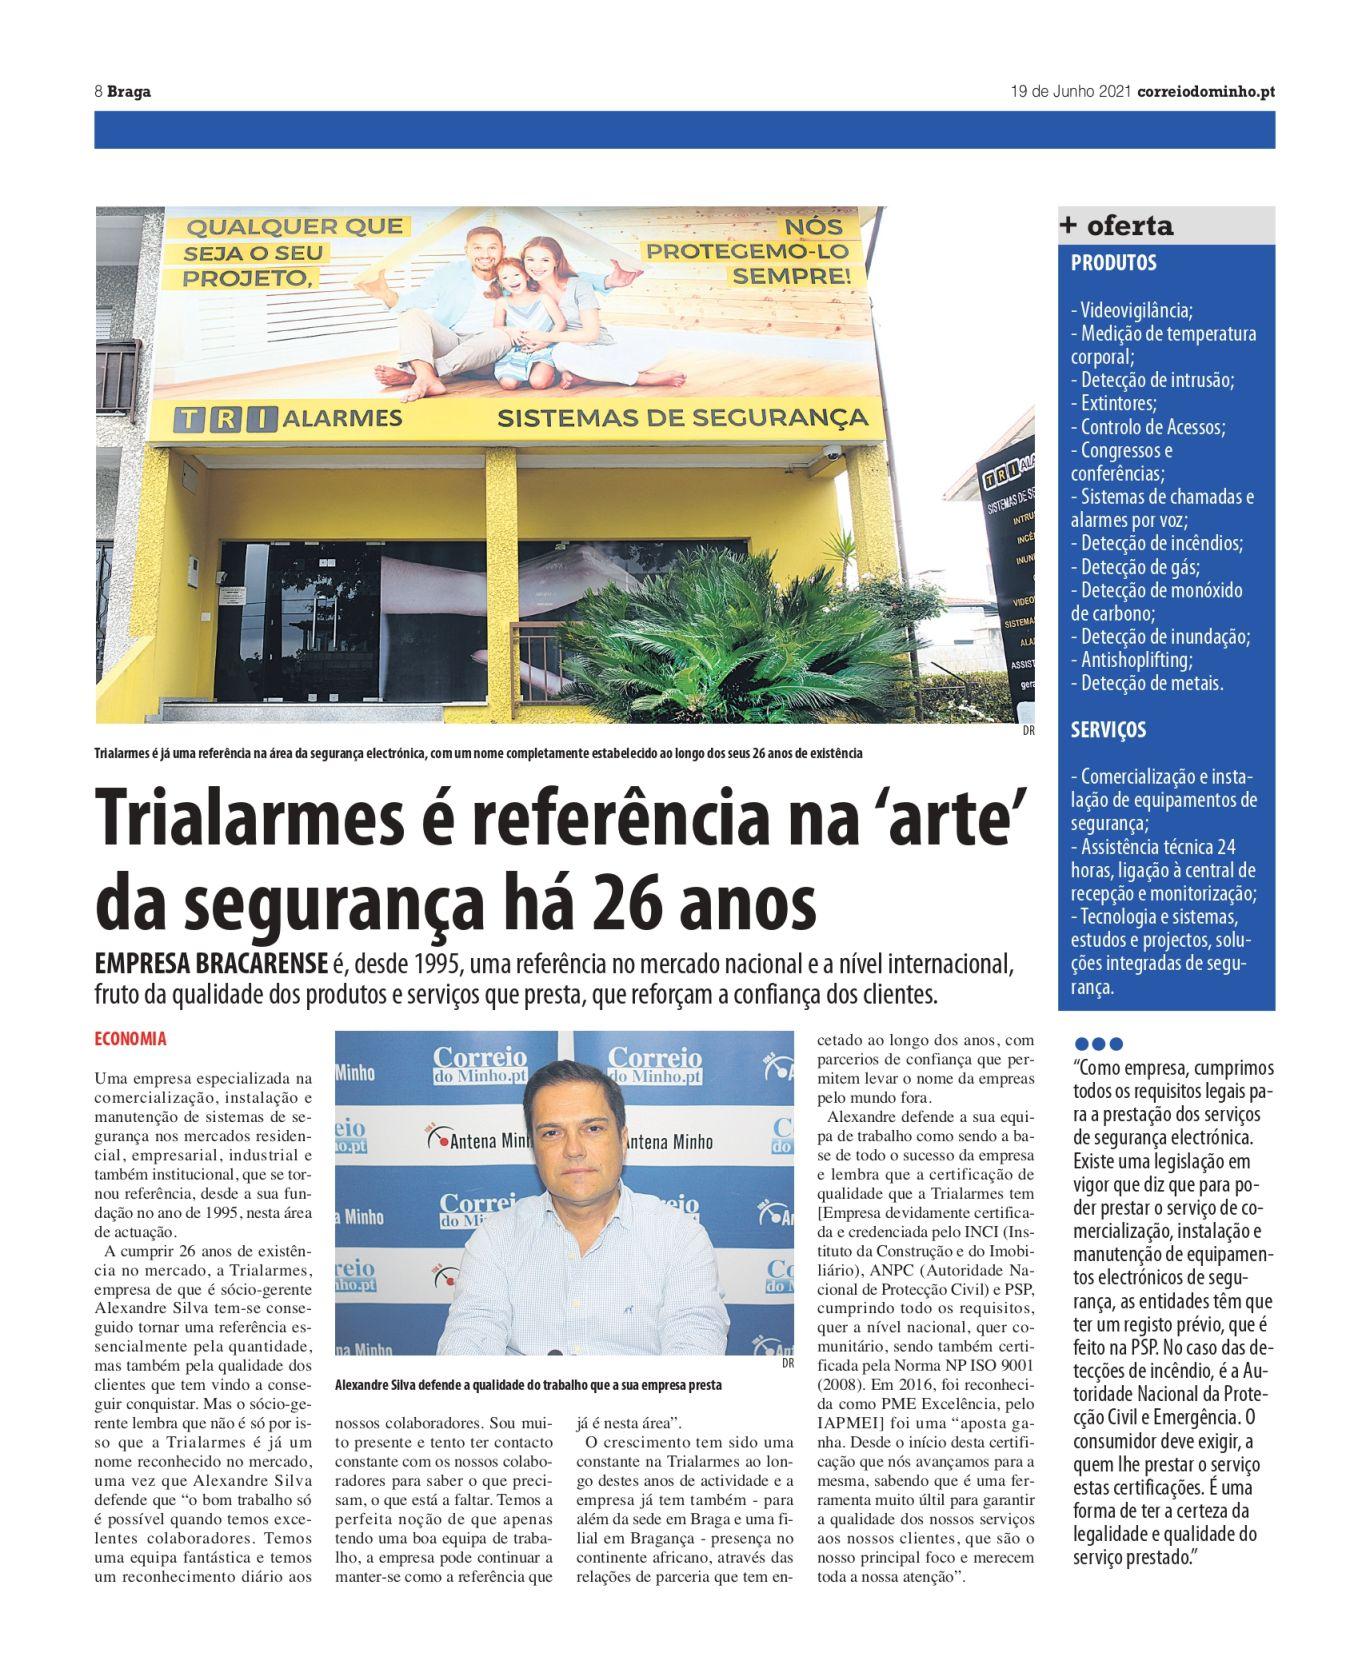 Entrevista 26 anos da Trialarmes ao Jornal Correio do Minho